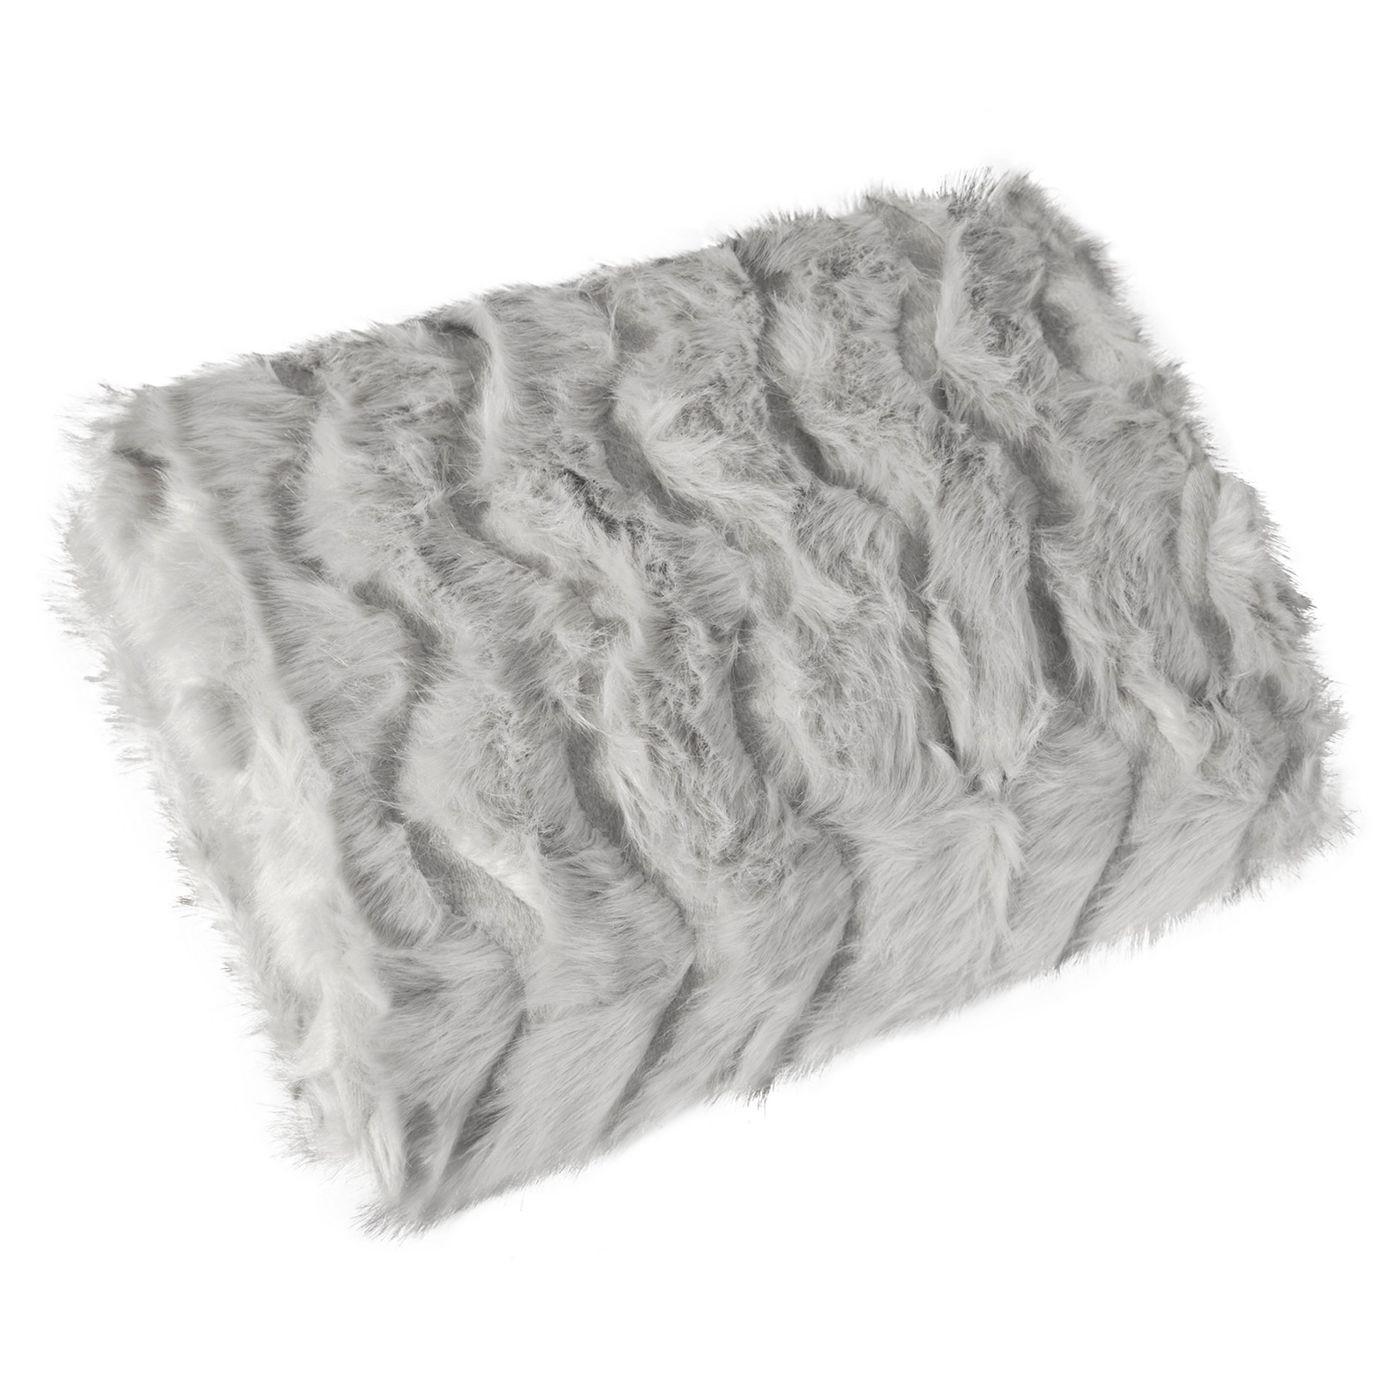 Narzuta na łóżko miękkie futerko 150x180 cm stalowa